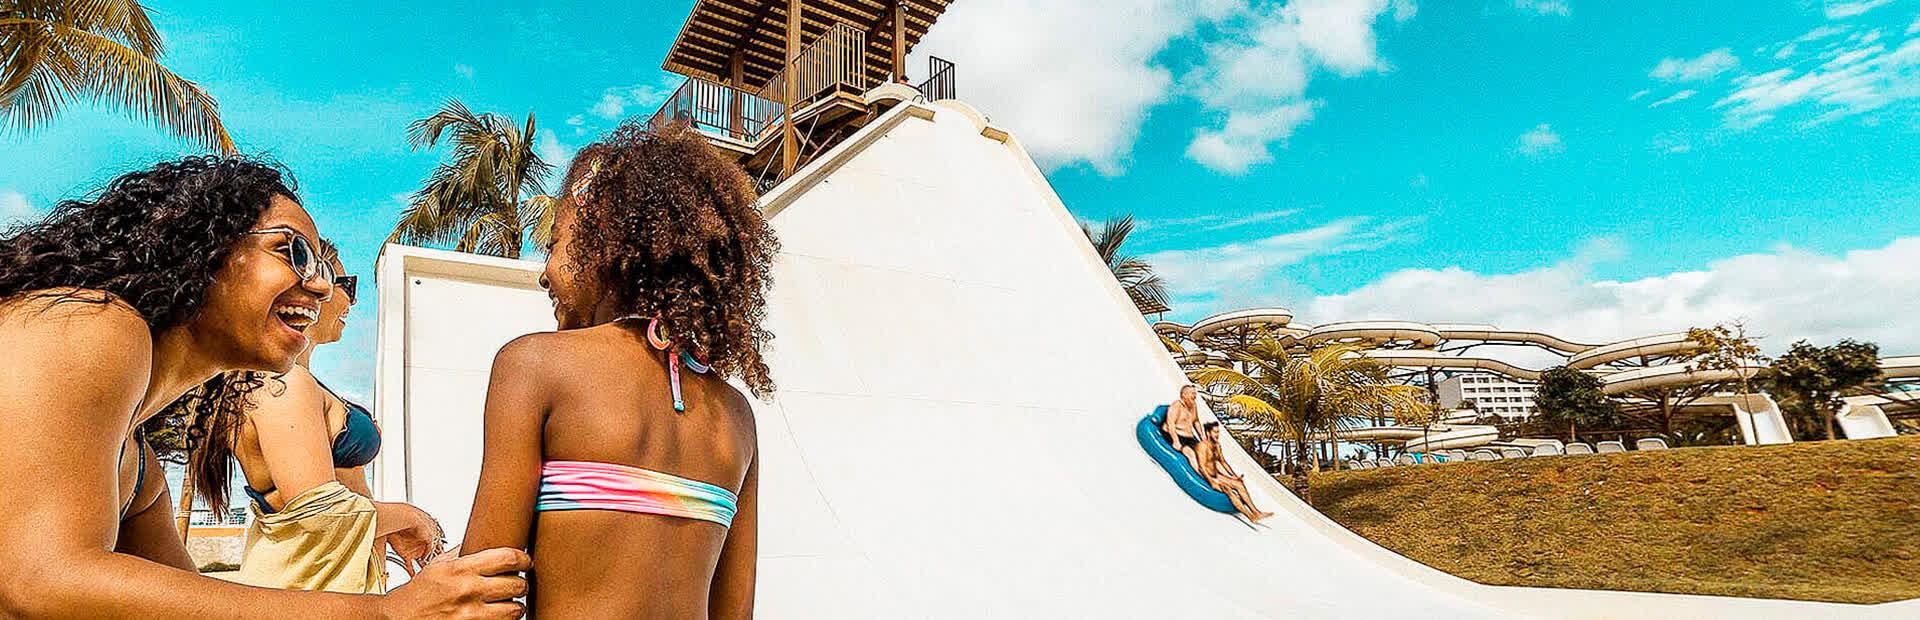 Imagem representativa: Parque Aquático Hot Beach de Olímpia SP | Comprar Ingressos